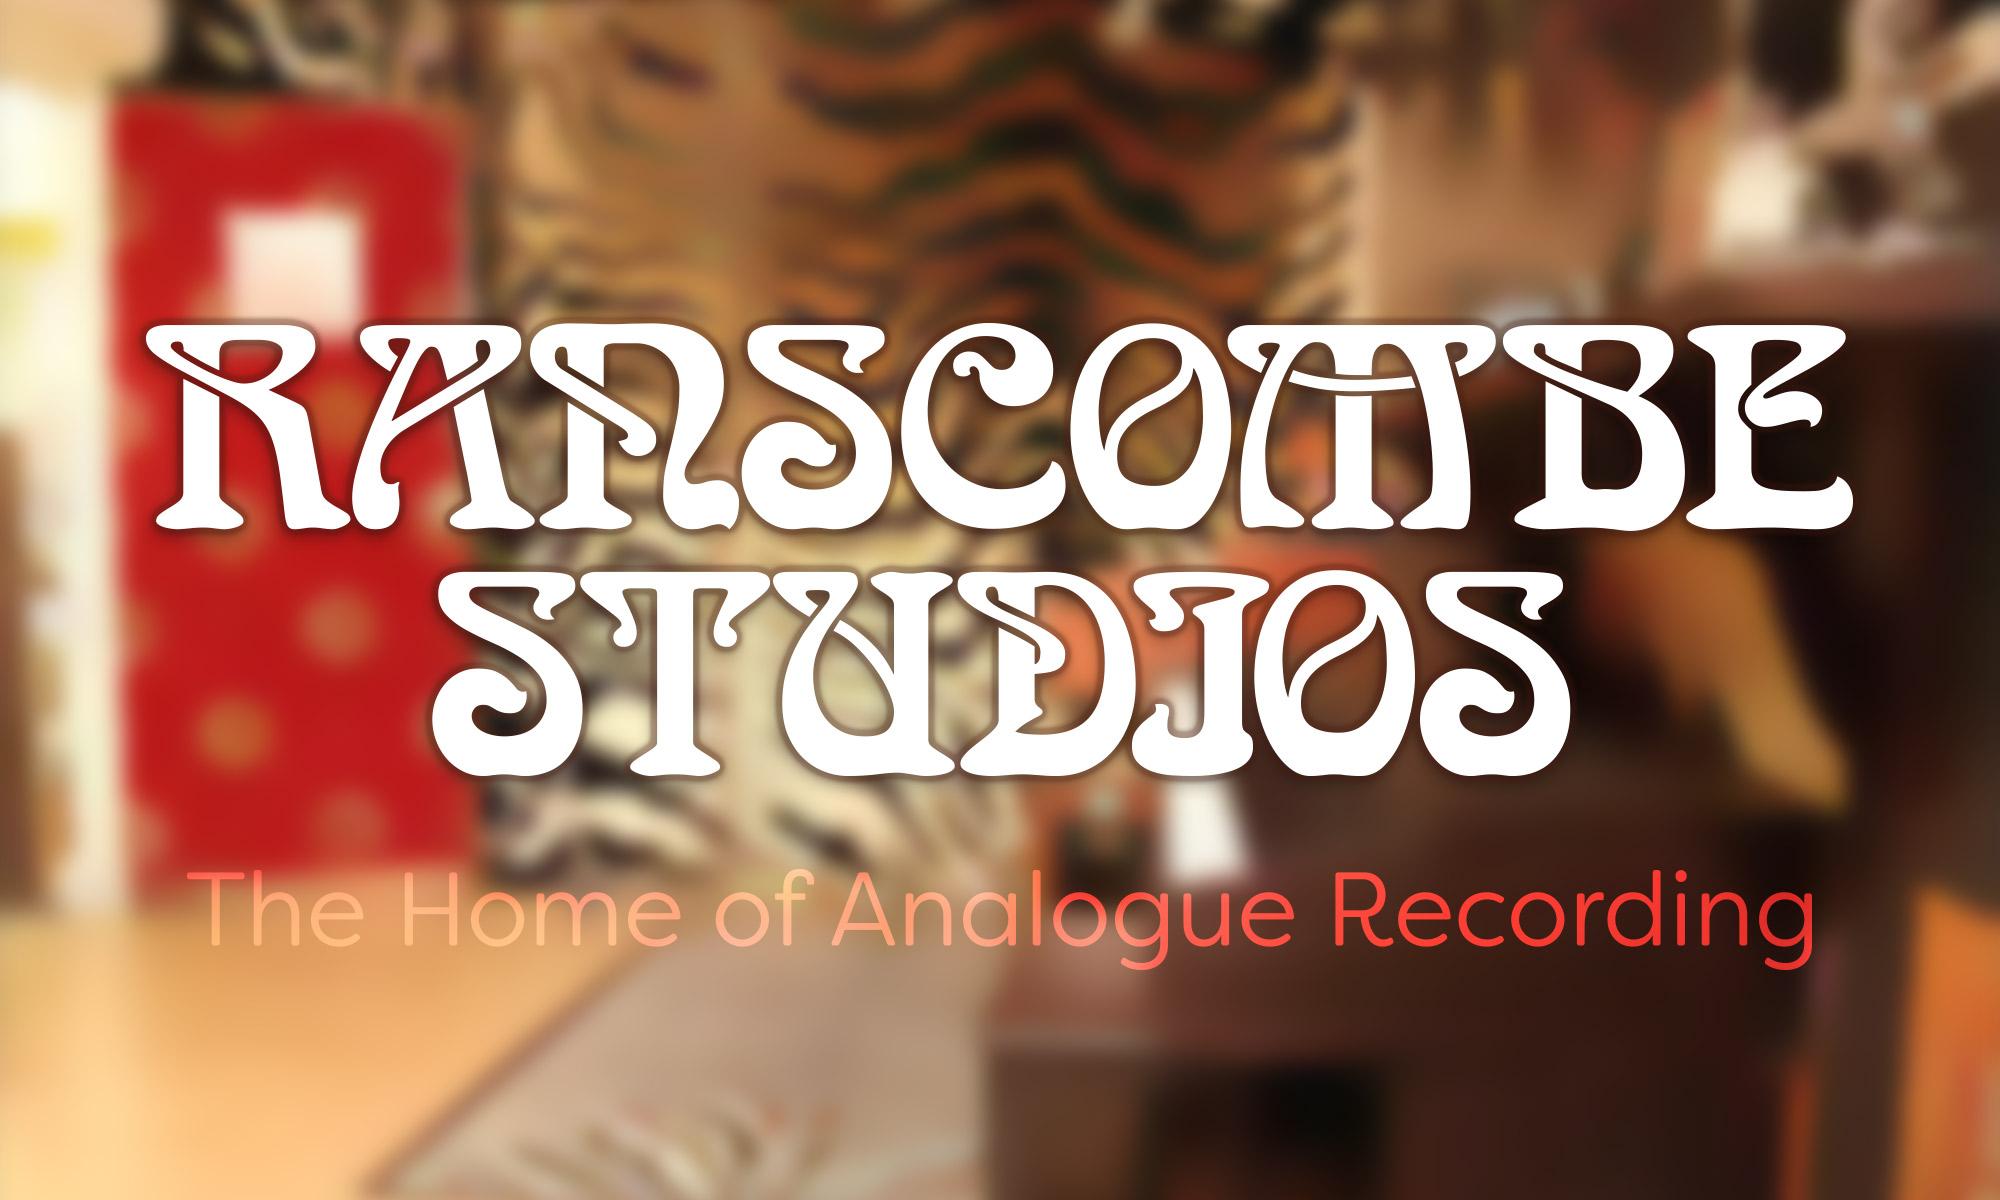 Ranscombe Studios